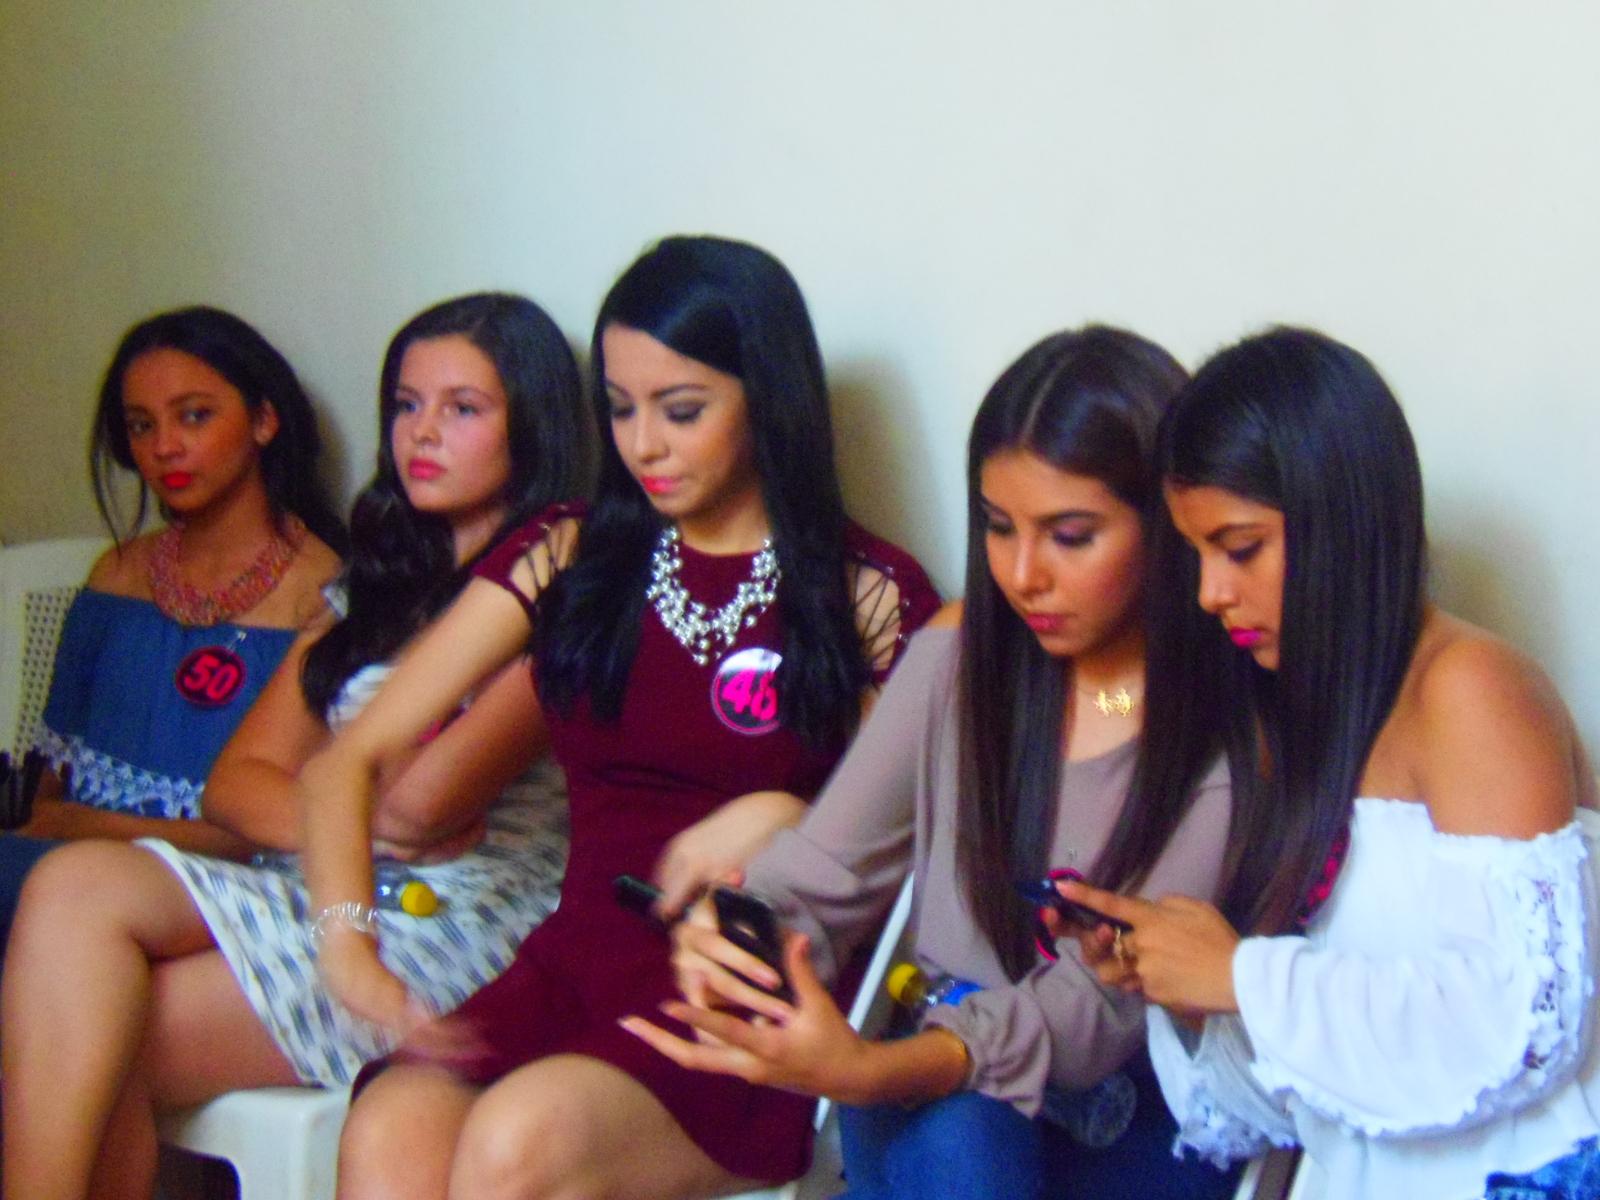 50 señoritas asistieron al casting para Reina de las comunidades